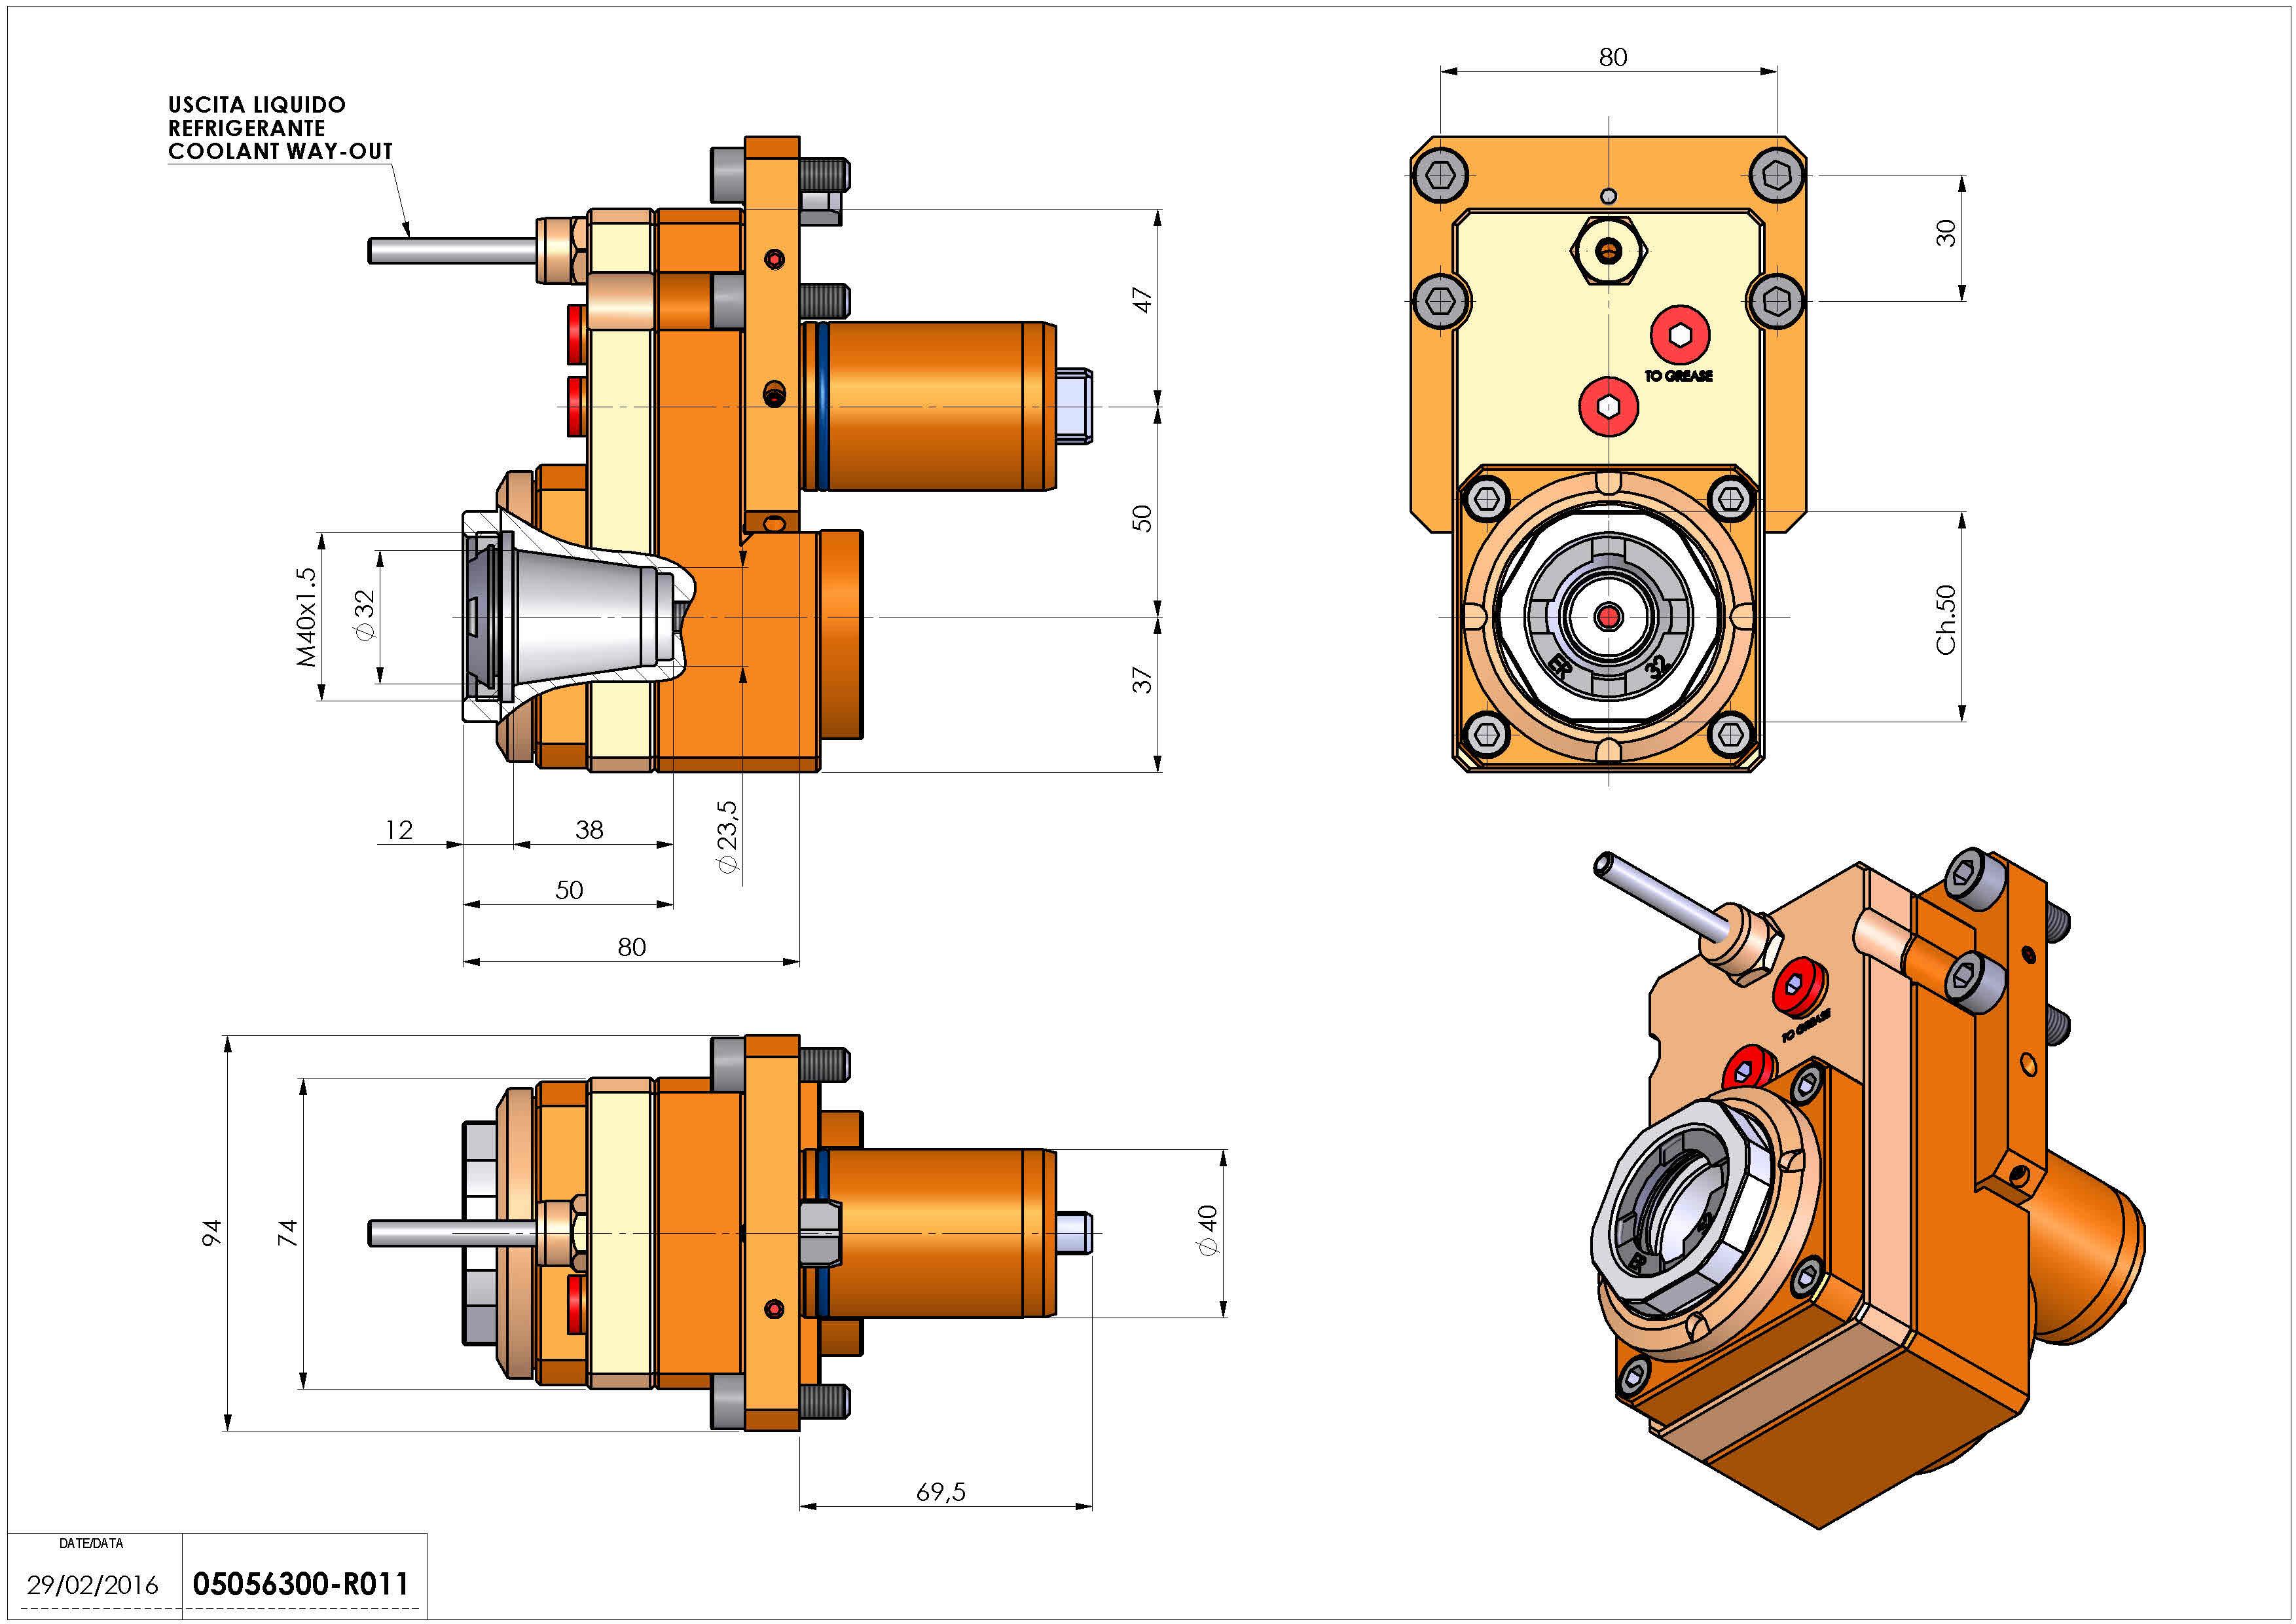 Technical image - LT-S D40 ER32F OFS50 H80 MZ.